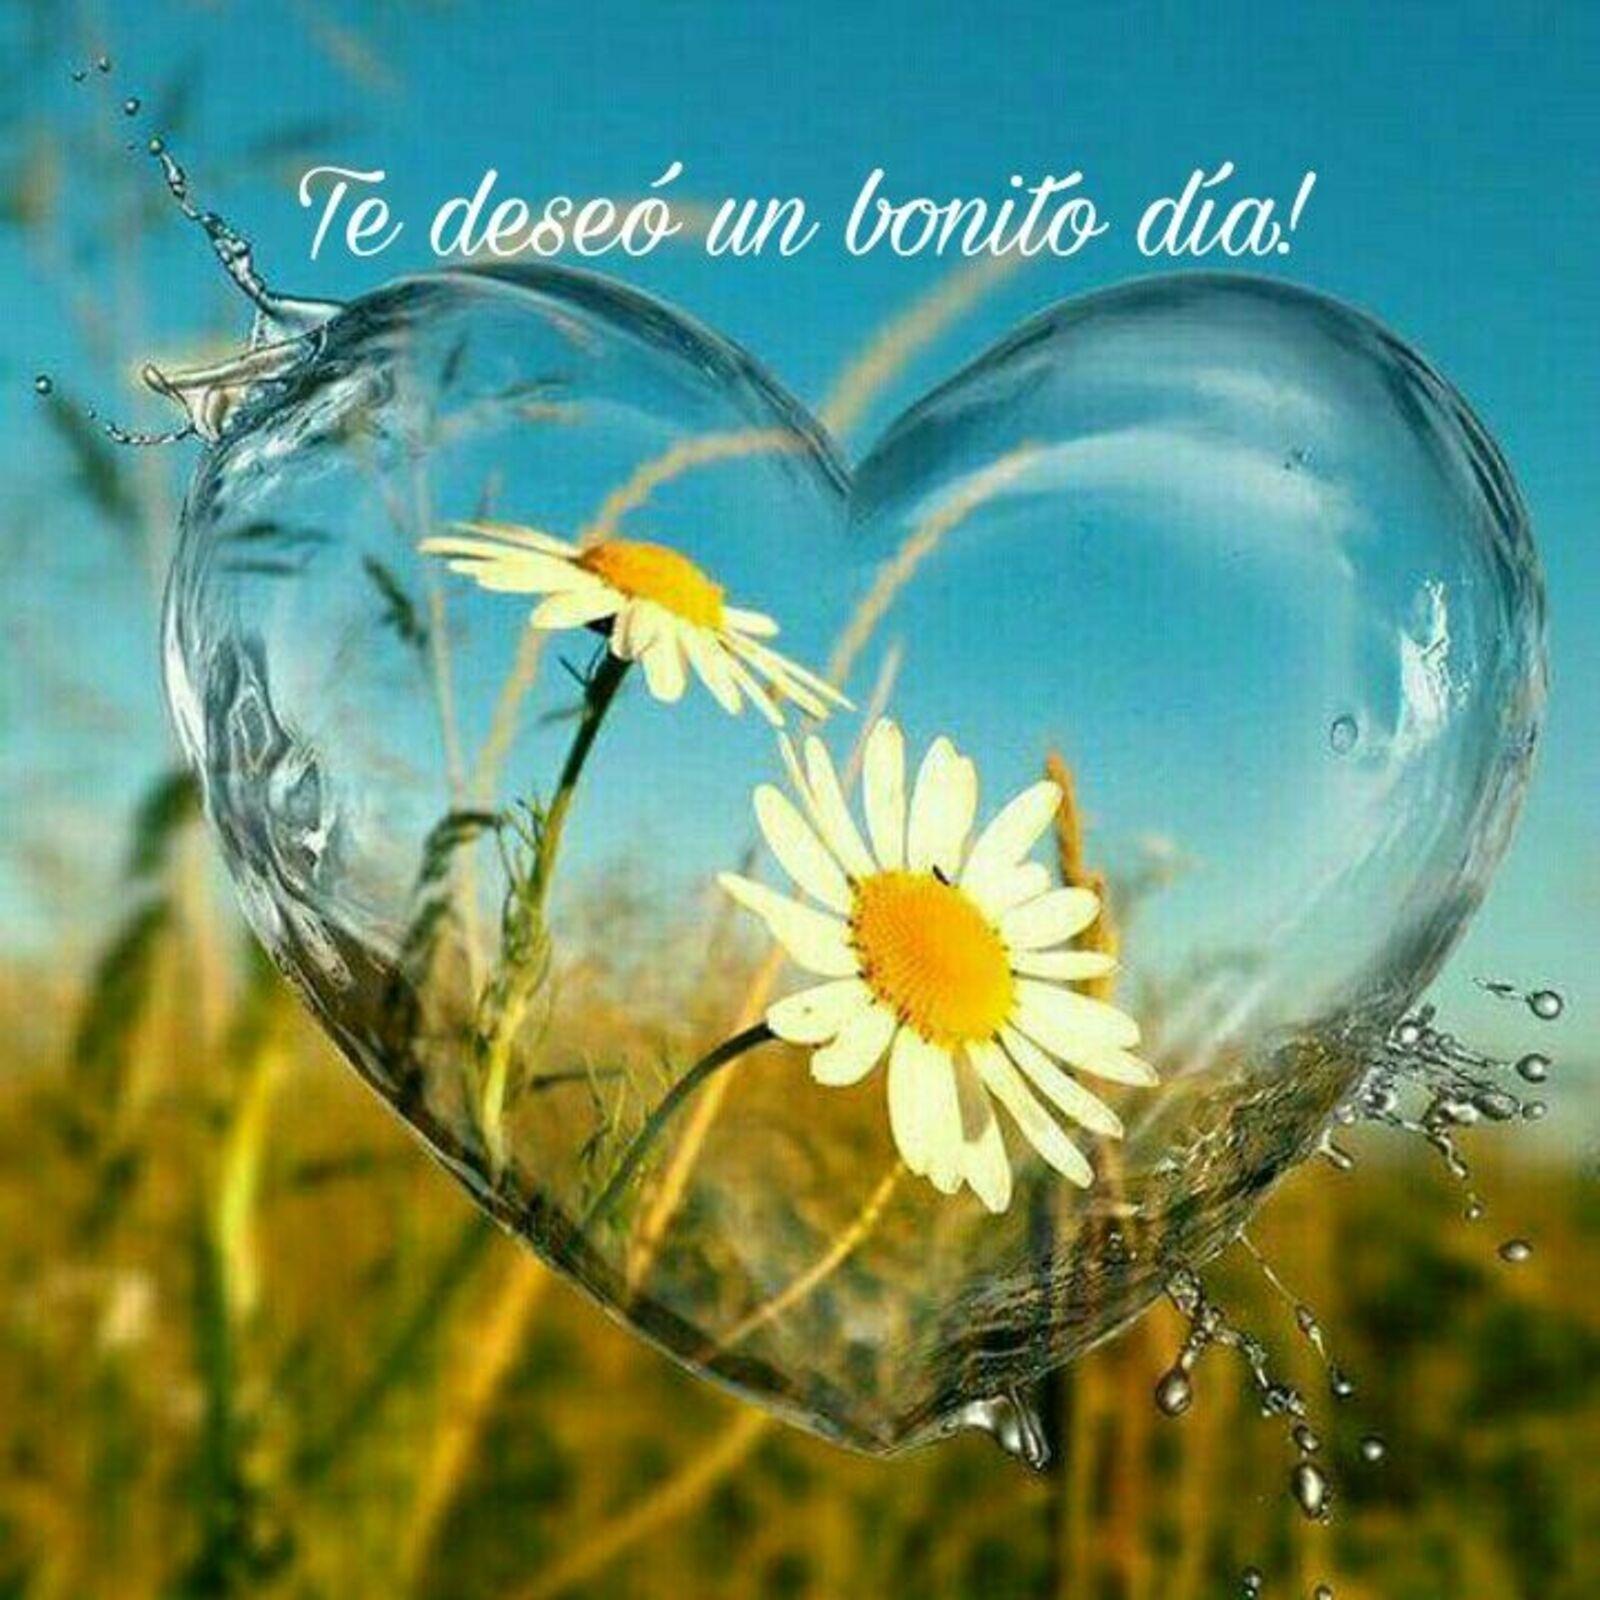 Te deseo un bonito día